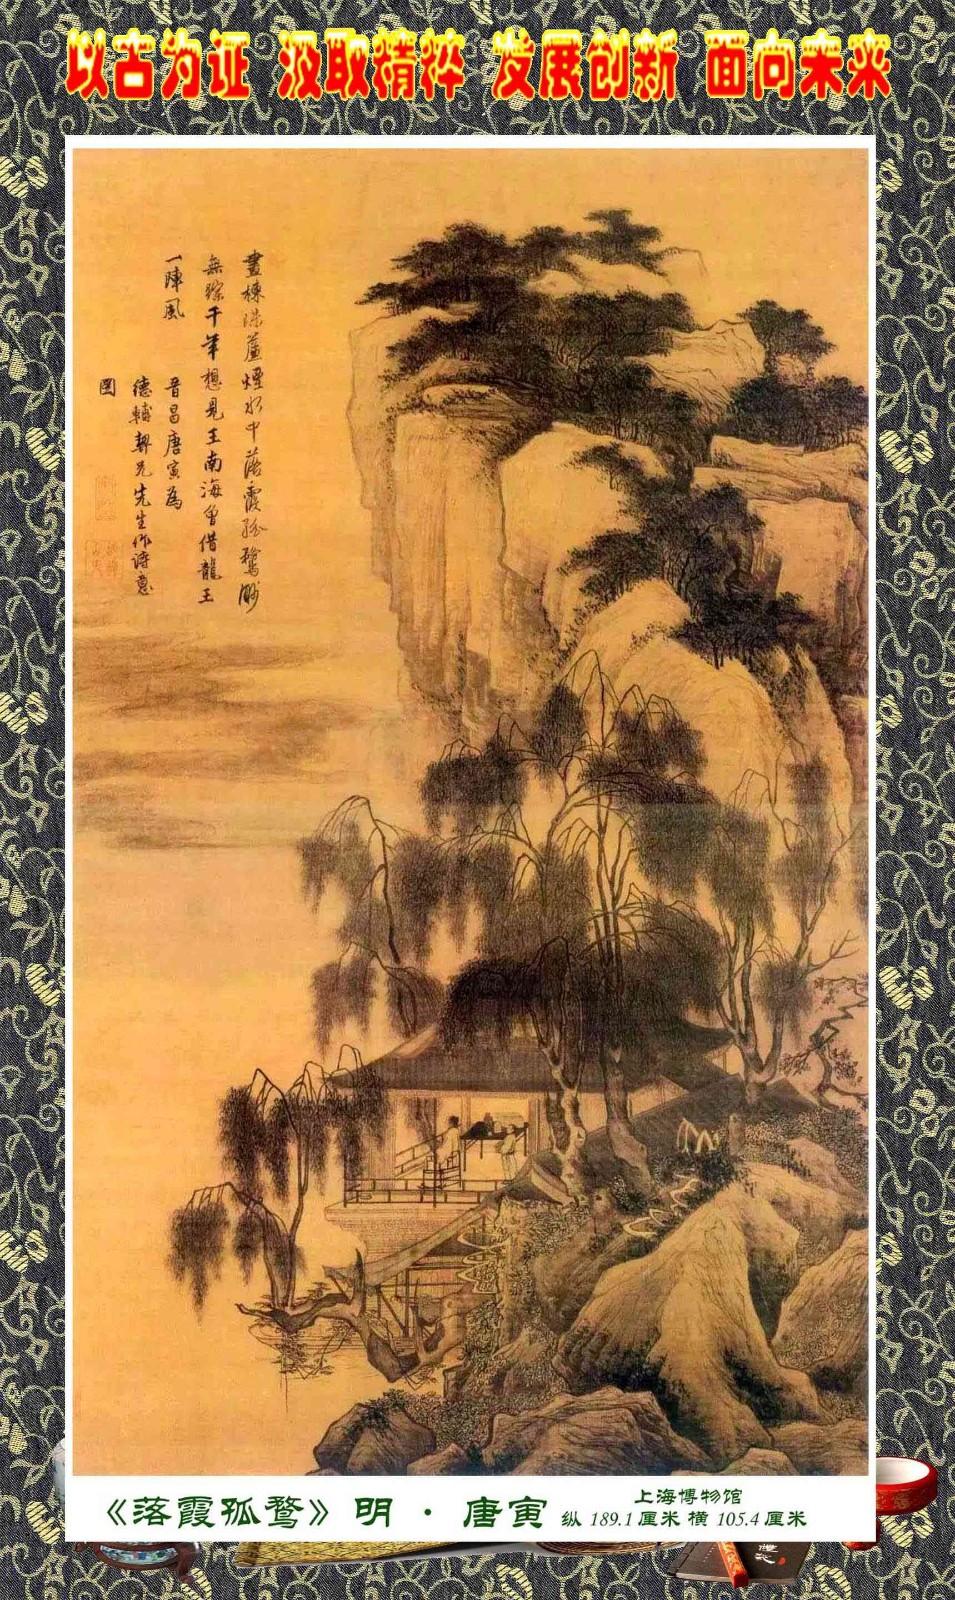 和而不同是常态 中华文明耀世界_图1-11